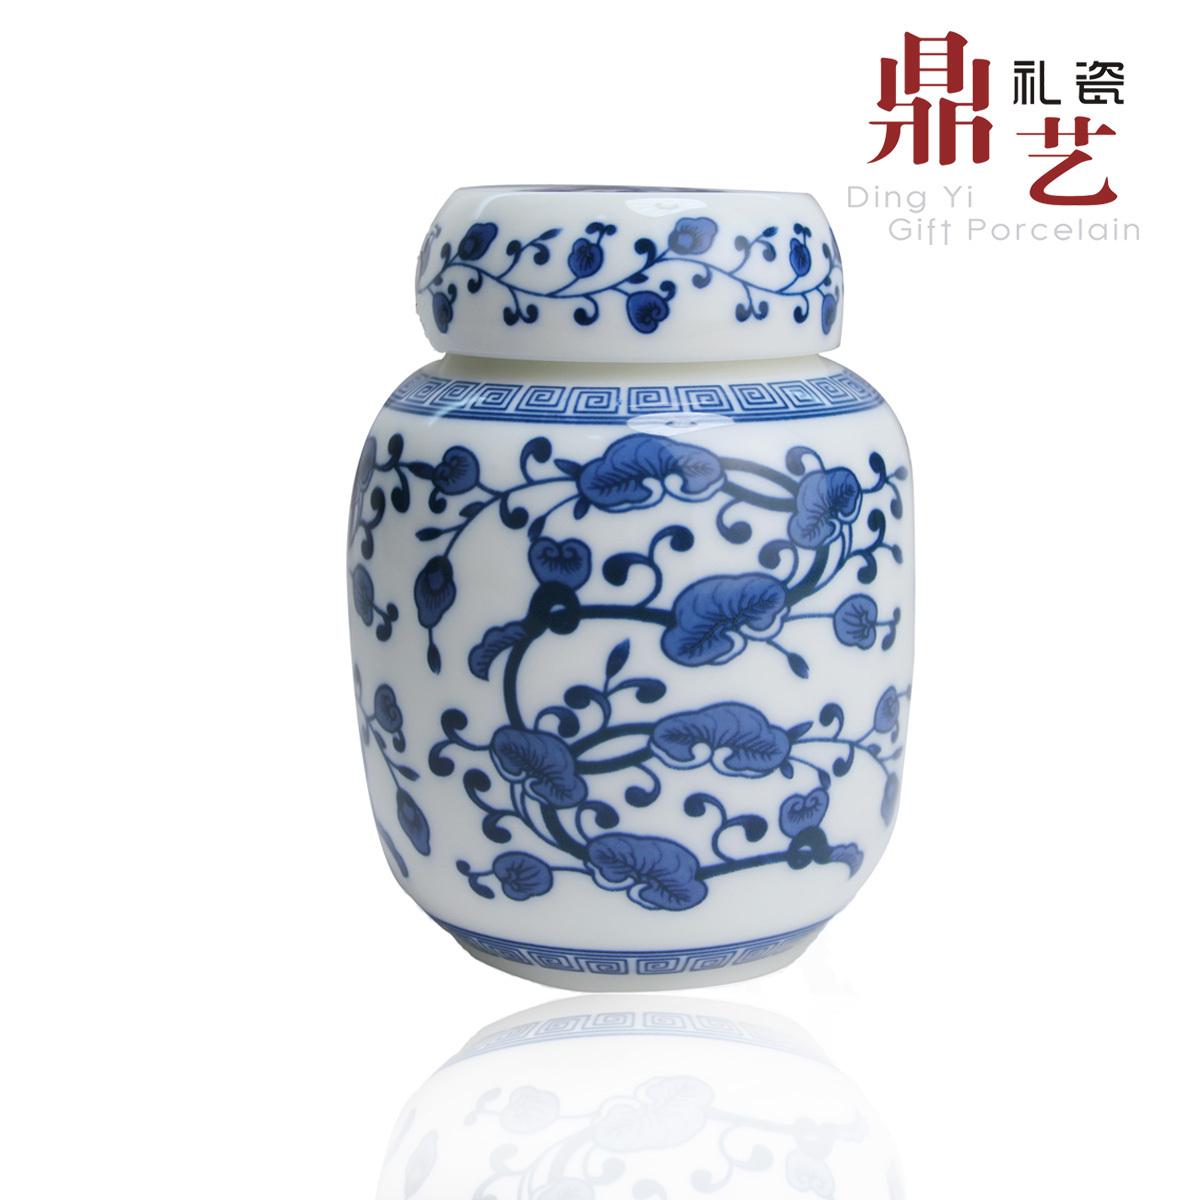 鼎艺青花瓷茶具 陶瓷茶叶罐 醒茶罐 密封存储罐 青花灵芝 高头罐